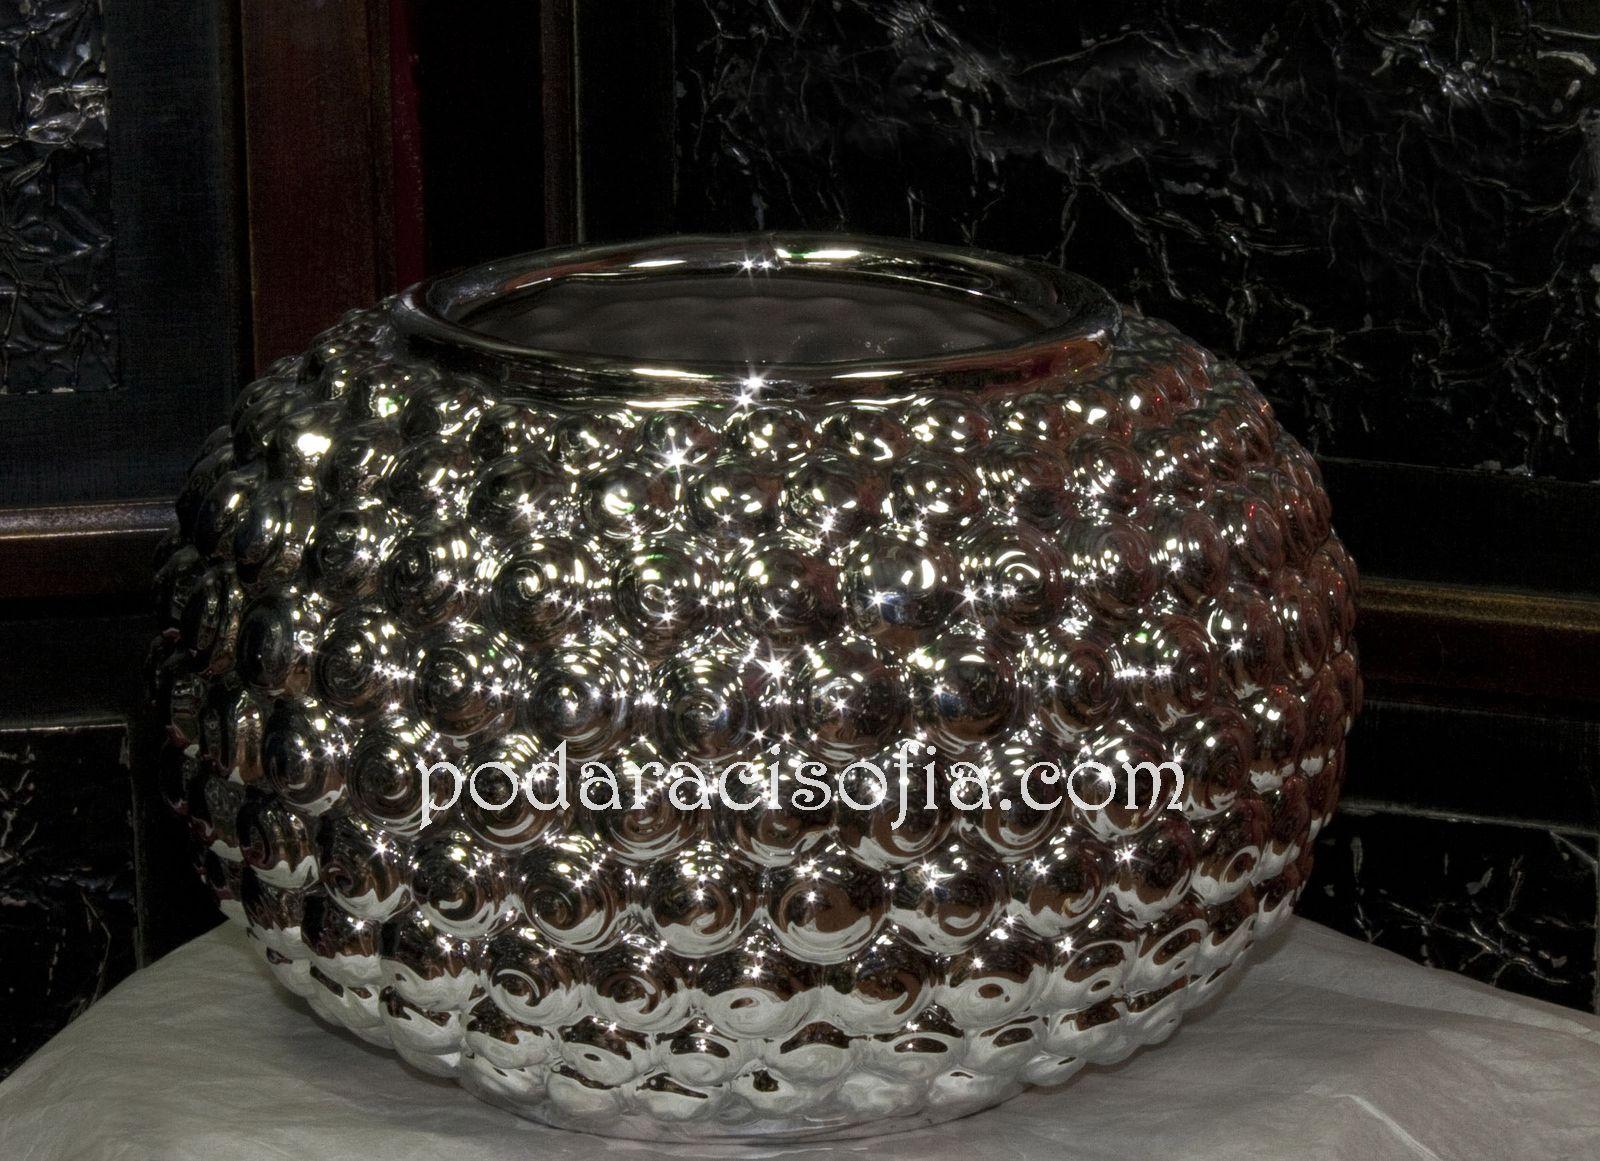 Елегантна ваза от керамика в сребърен цвят. Формата е тумбеста и допълнително орнаментирана.